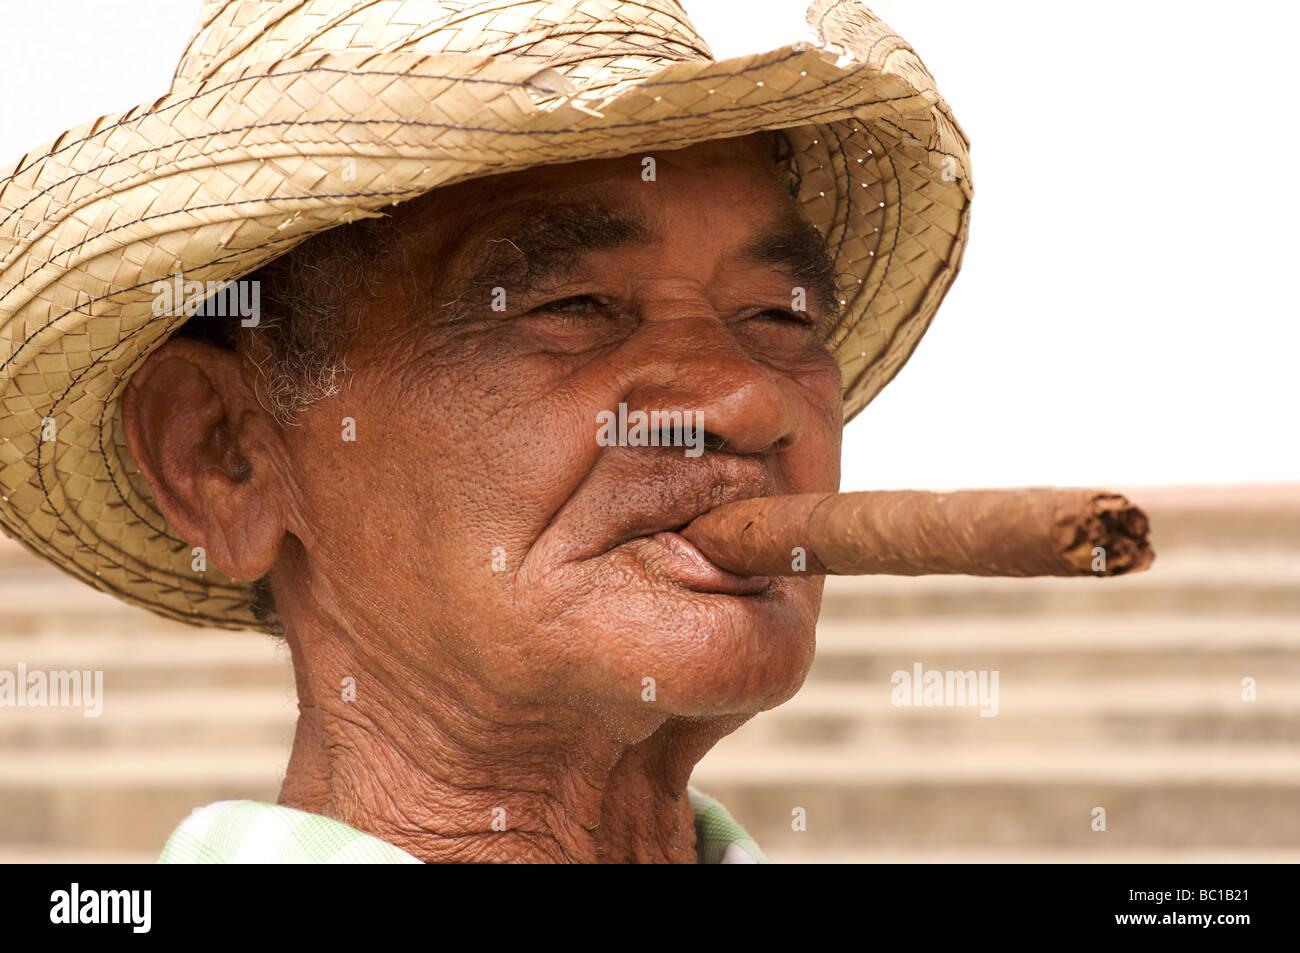 Elderly Cuban man in distinctive hat and smoking a Cuban cigar. Viñales, Pinar del Rio, Cuba. - Stock Image